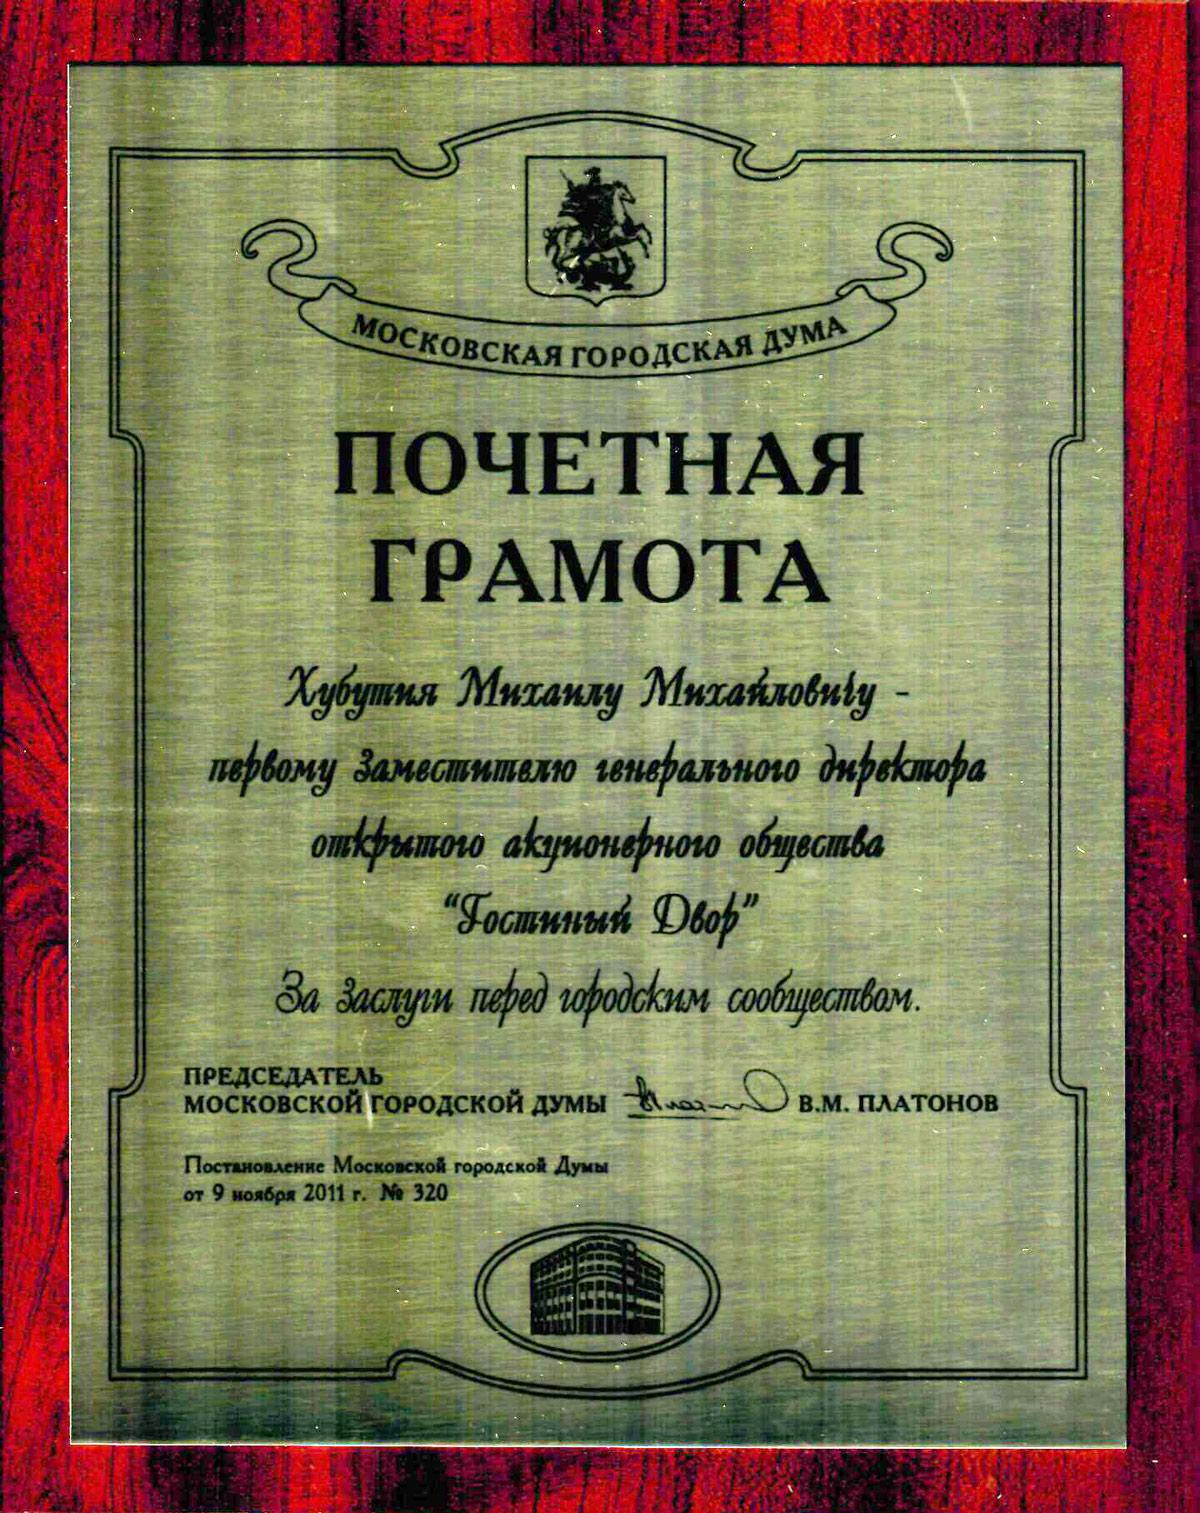 Грамота Московской городской Думы за заслуги перед городским сообществом